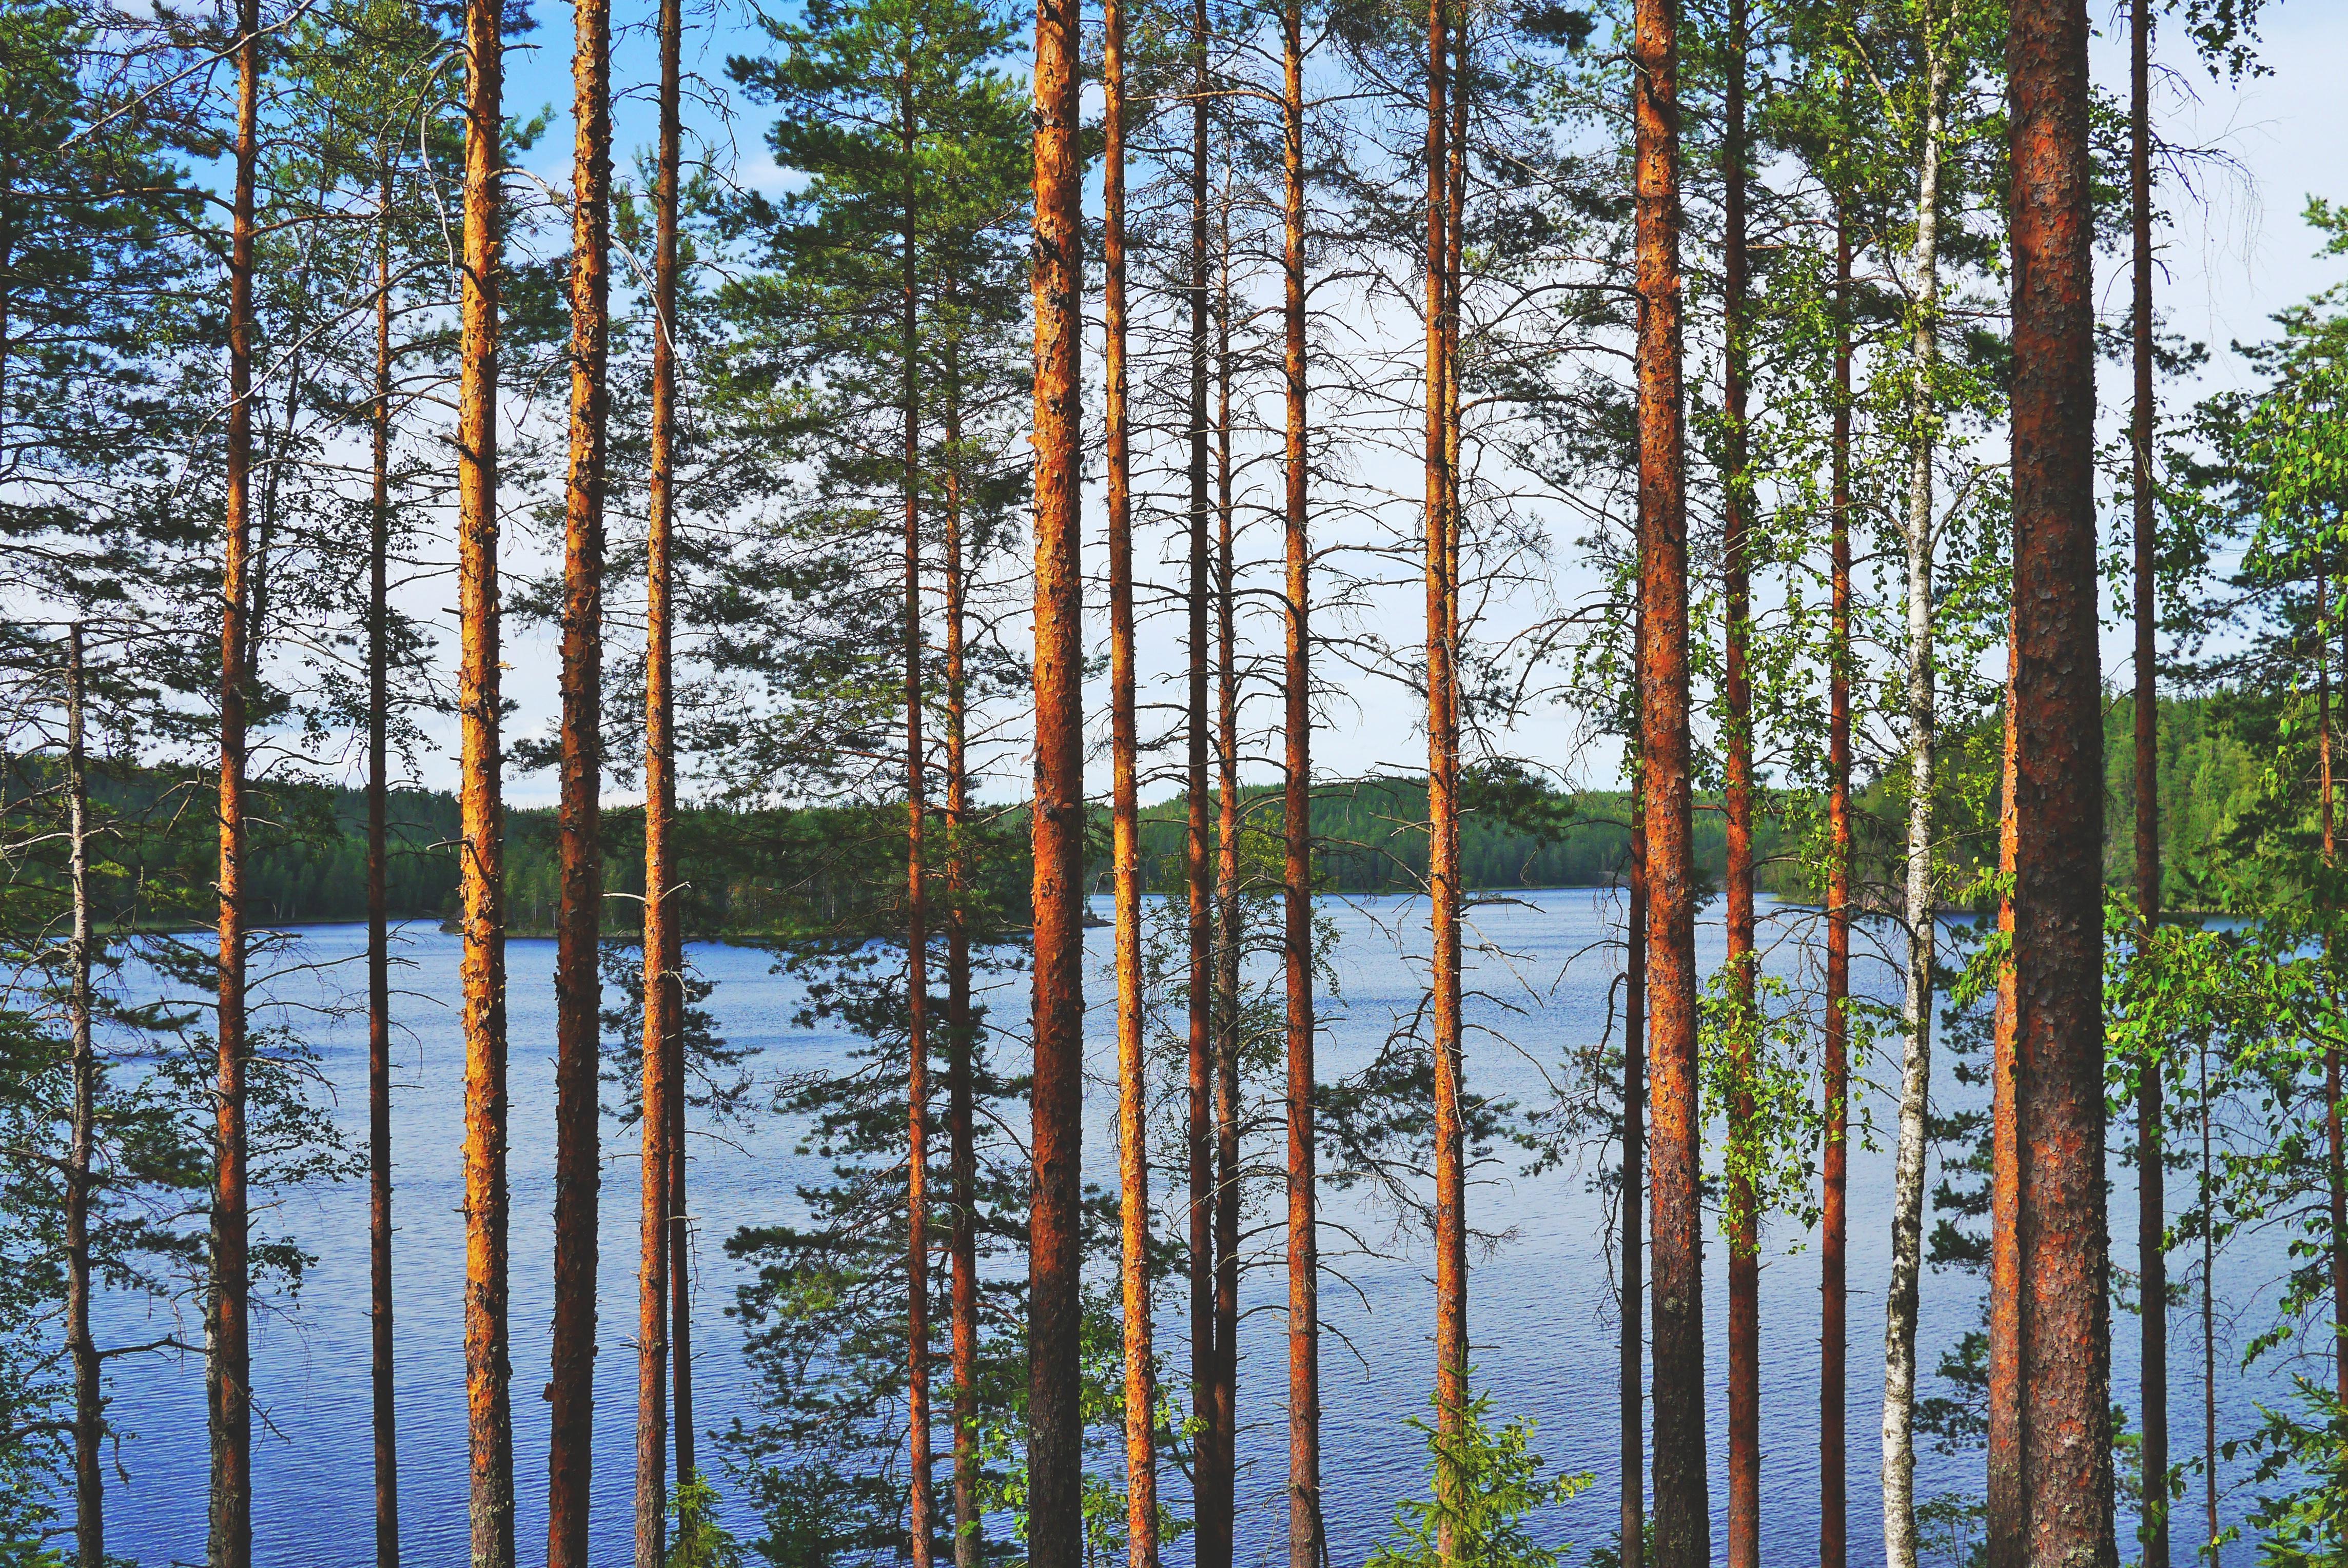 Arktinen kuva_järvi ja mäntyjä